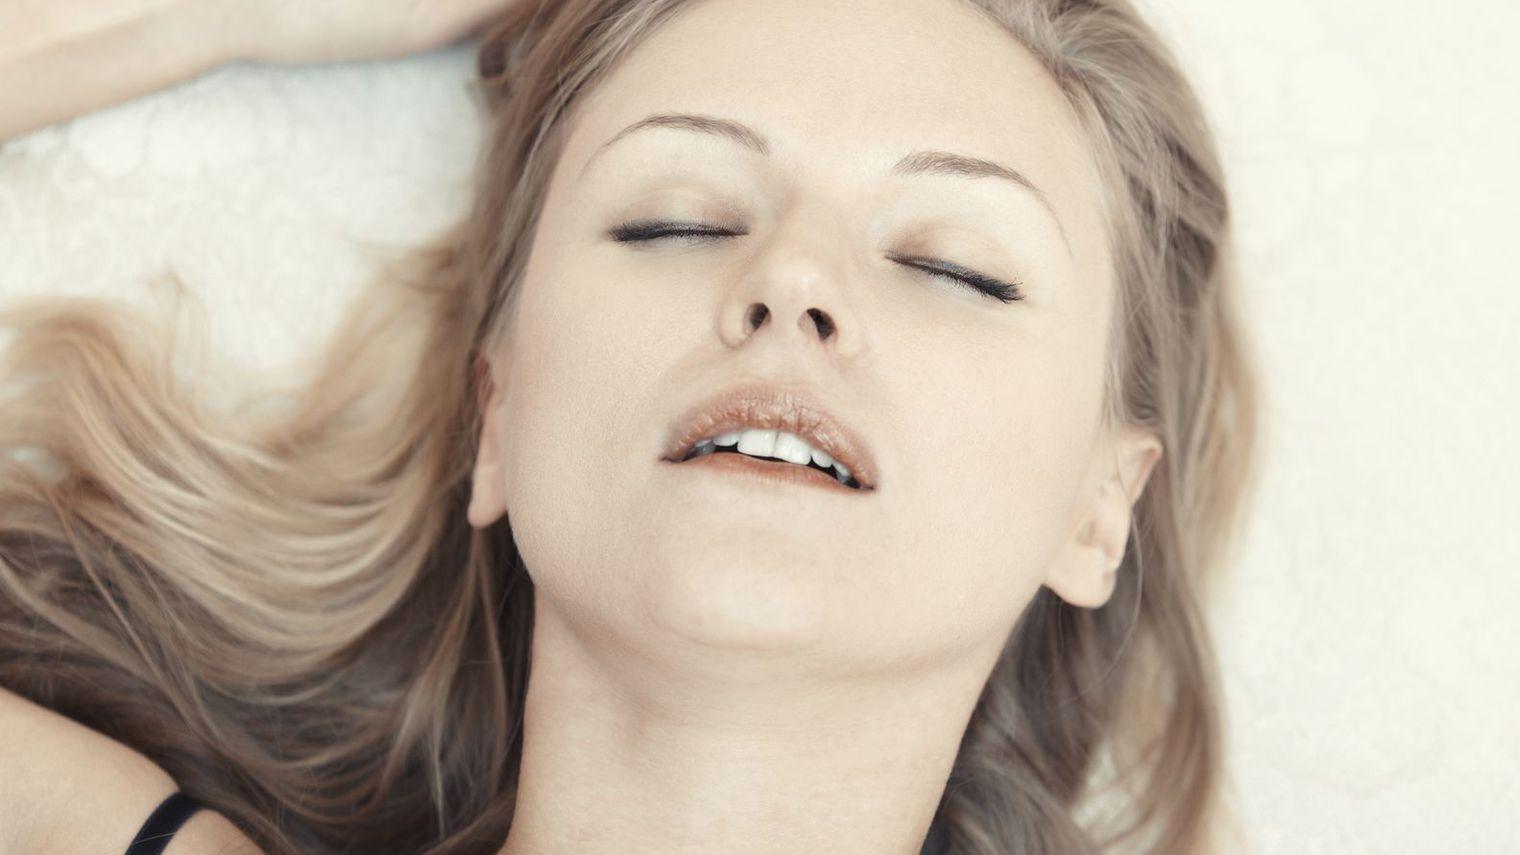 Смотреть доведение до оргазма, Оргазм порно, смотреть женские Оргазмы с судорогами 24 фотография